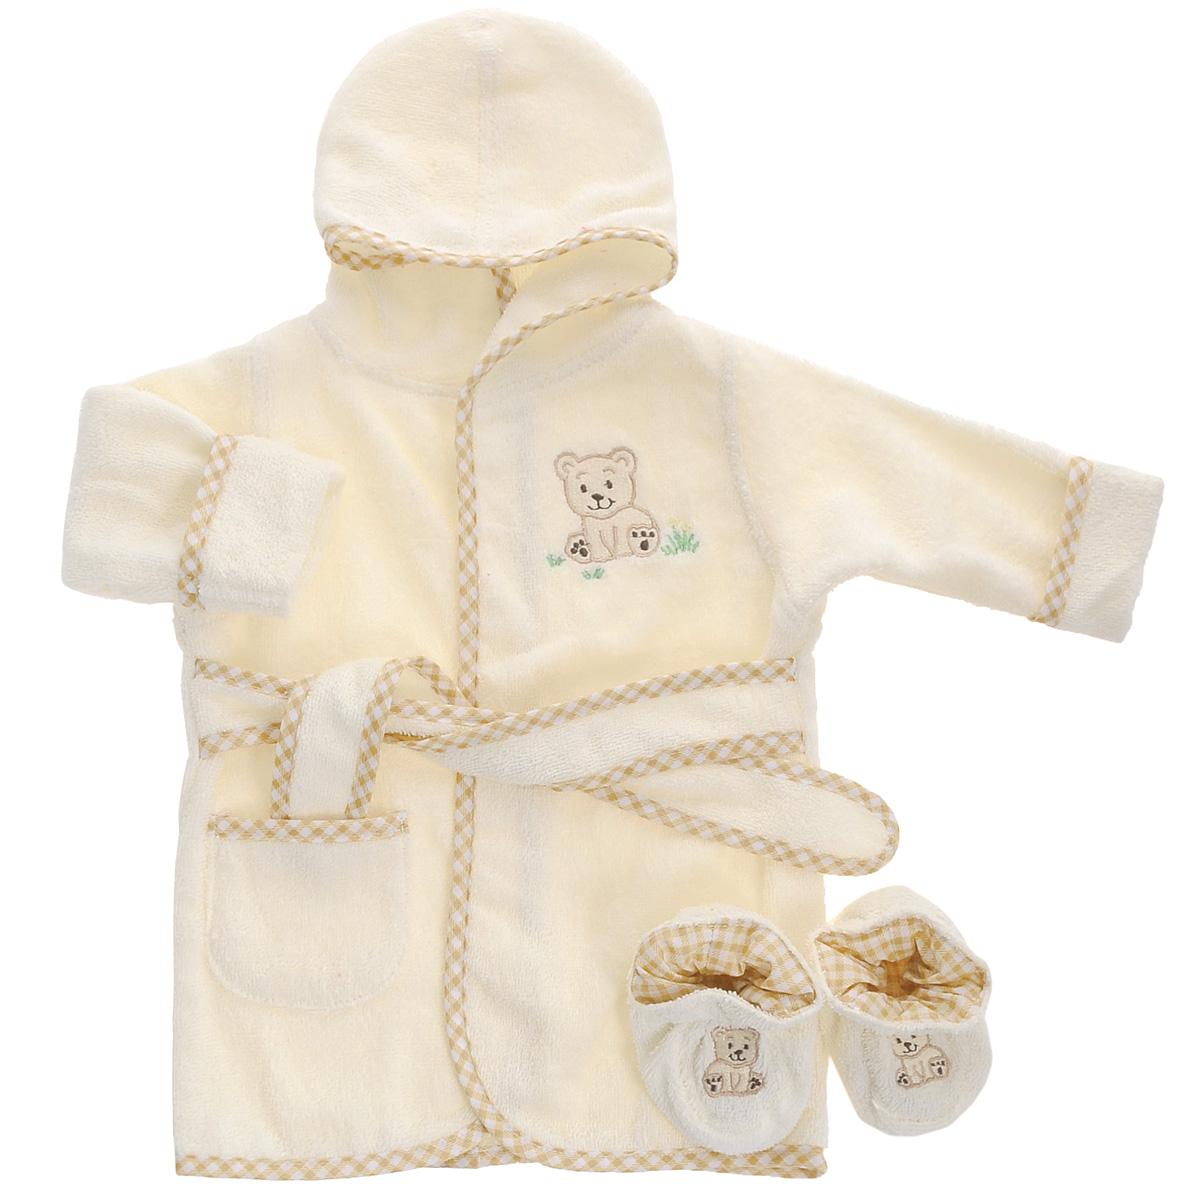 Комплект для новорожденного Spasilk Мишка: халат, пинетки, цвет: бежевый. BR W001. Размер 0/9мес